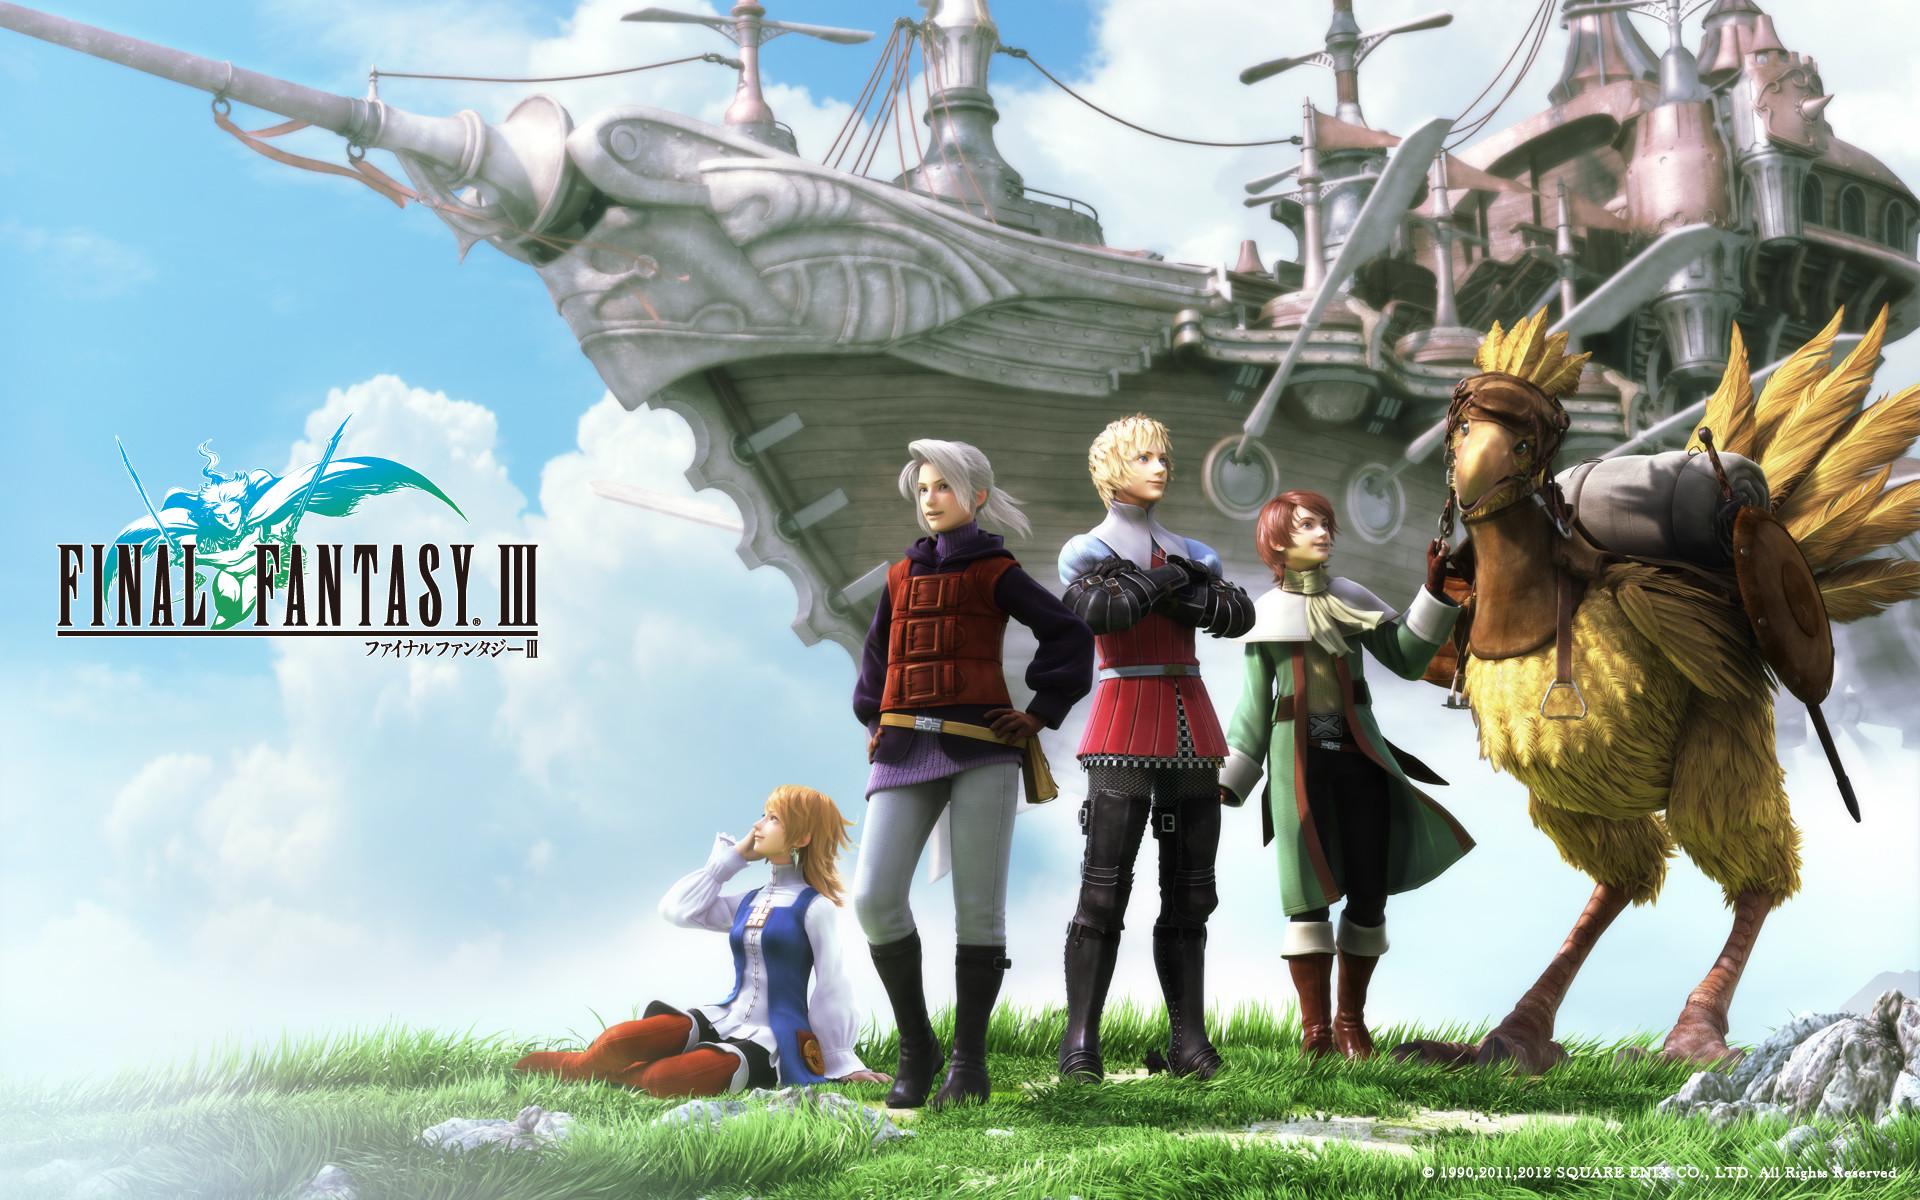 Res: 1920x1200, Final Fantasy III Wallpaper